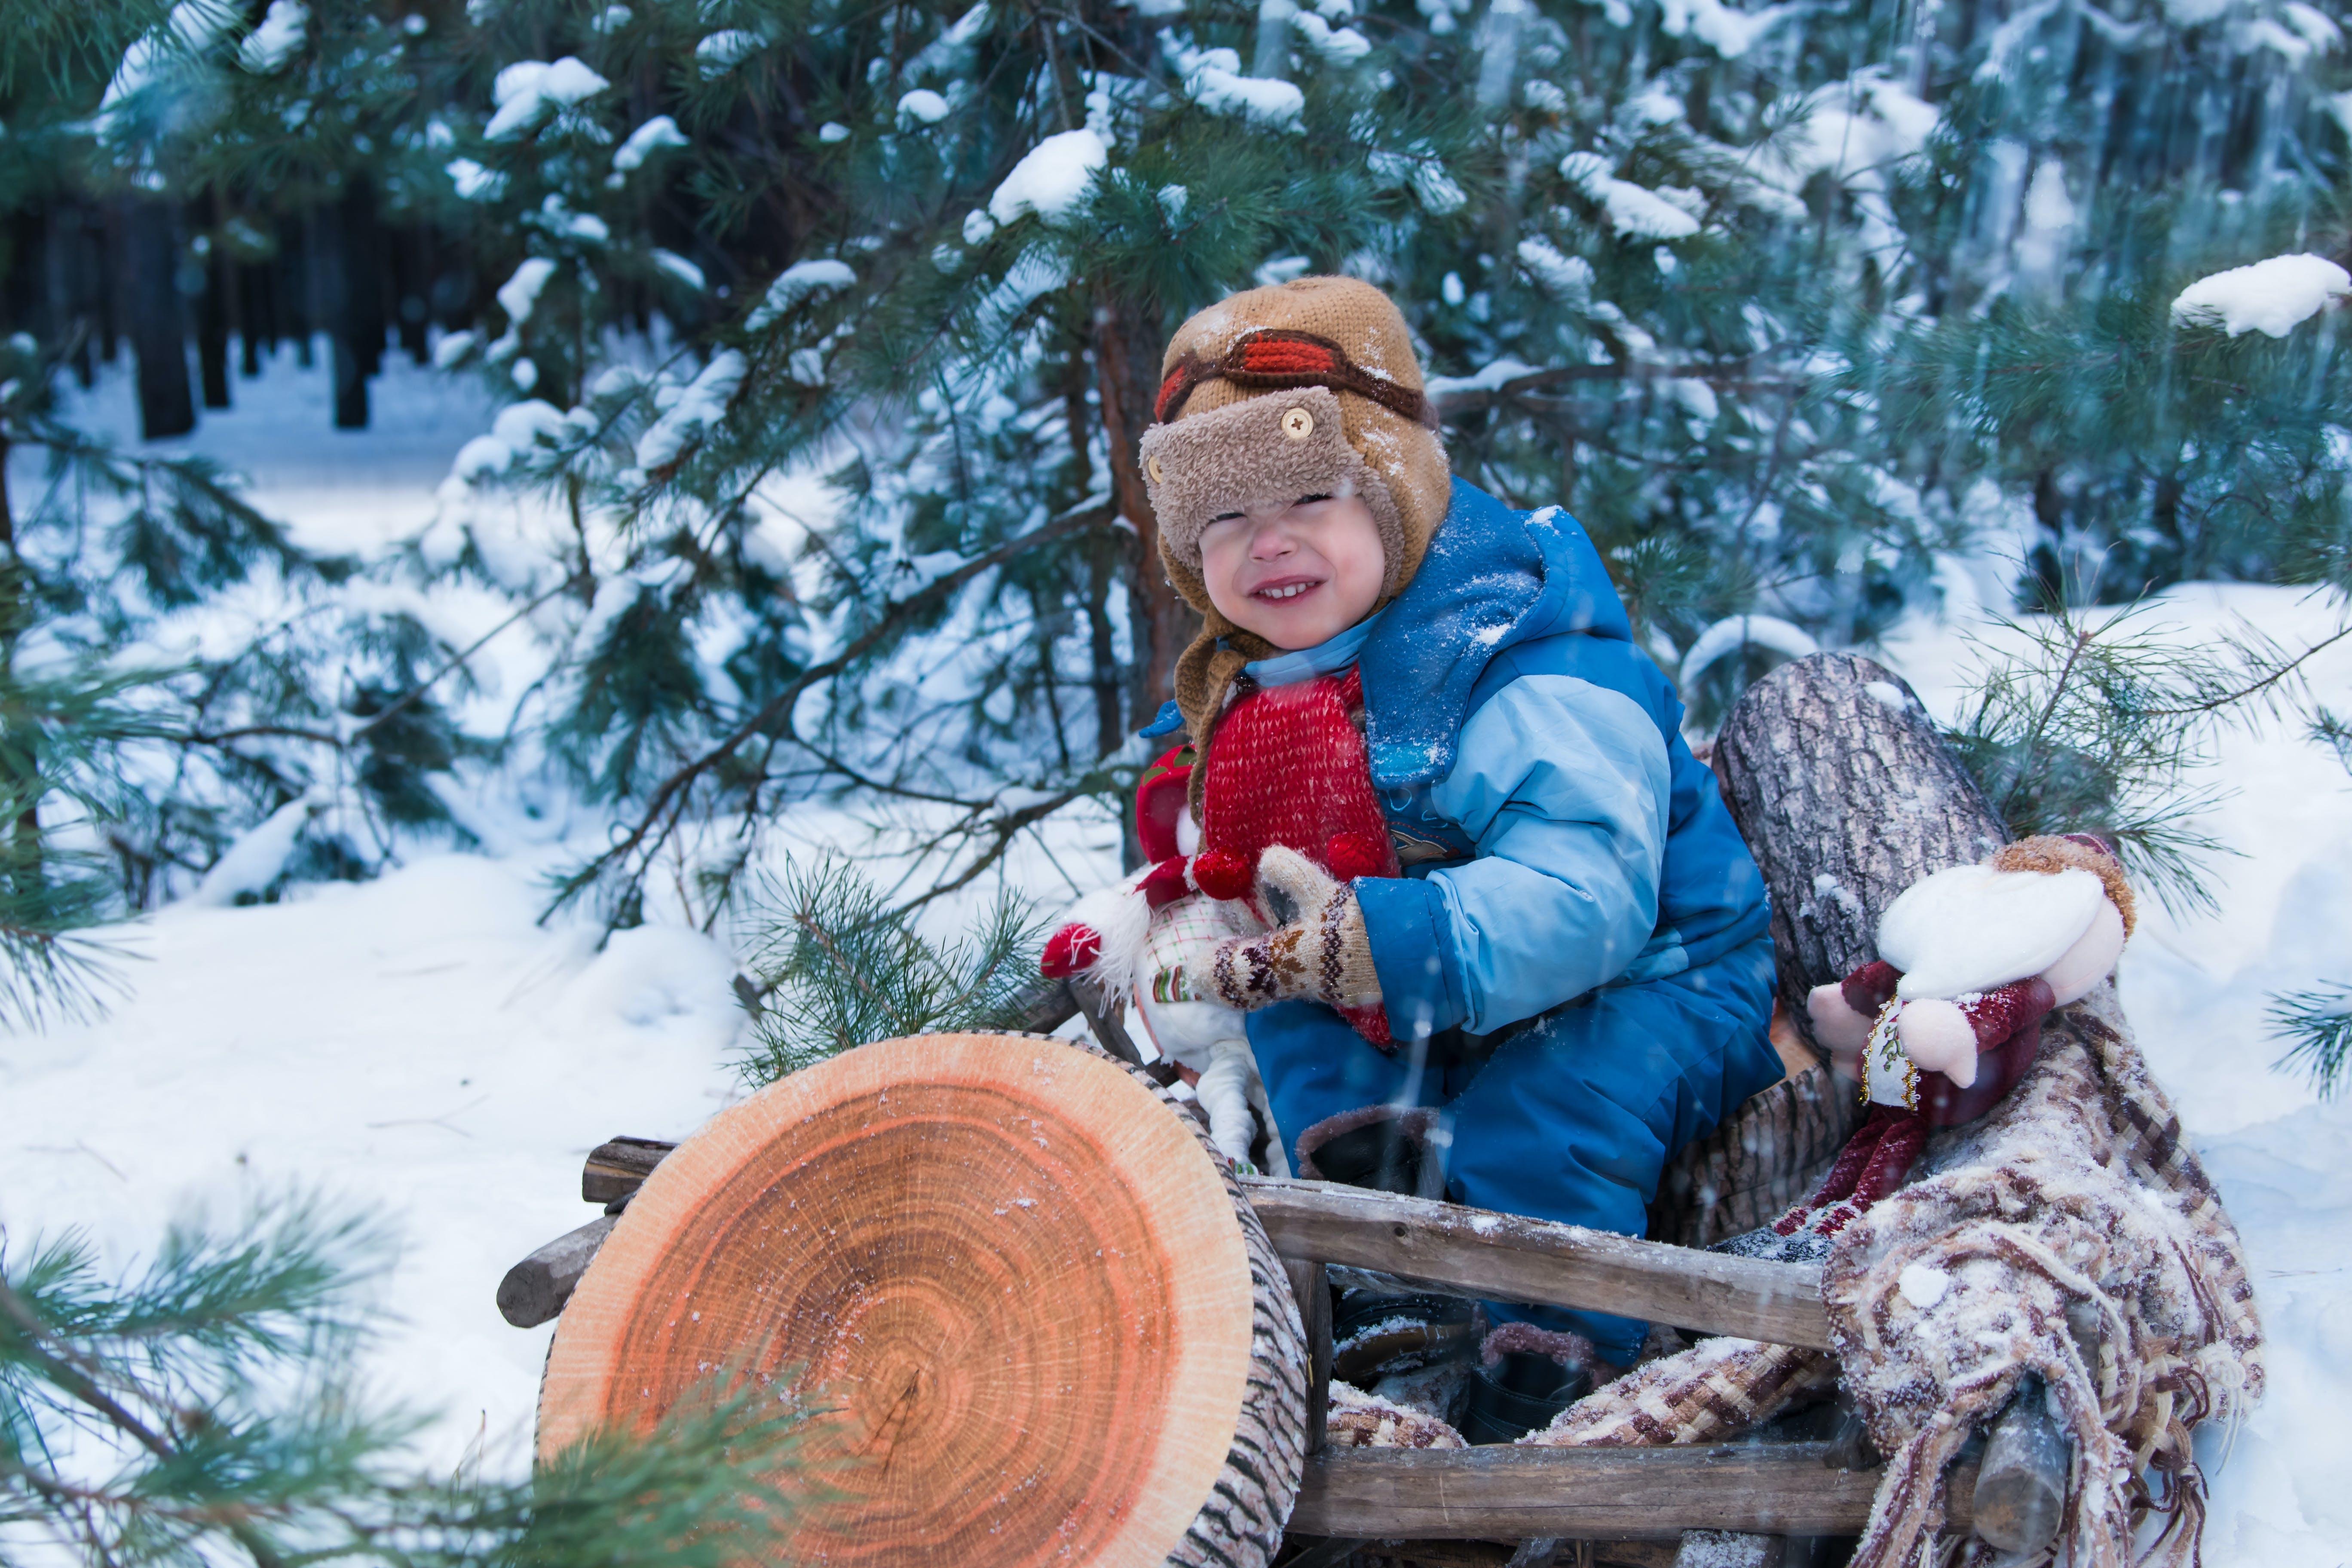 Kostnadsfri bild av barn, fritid, frost, ha på sig